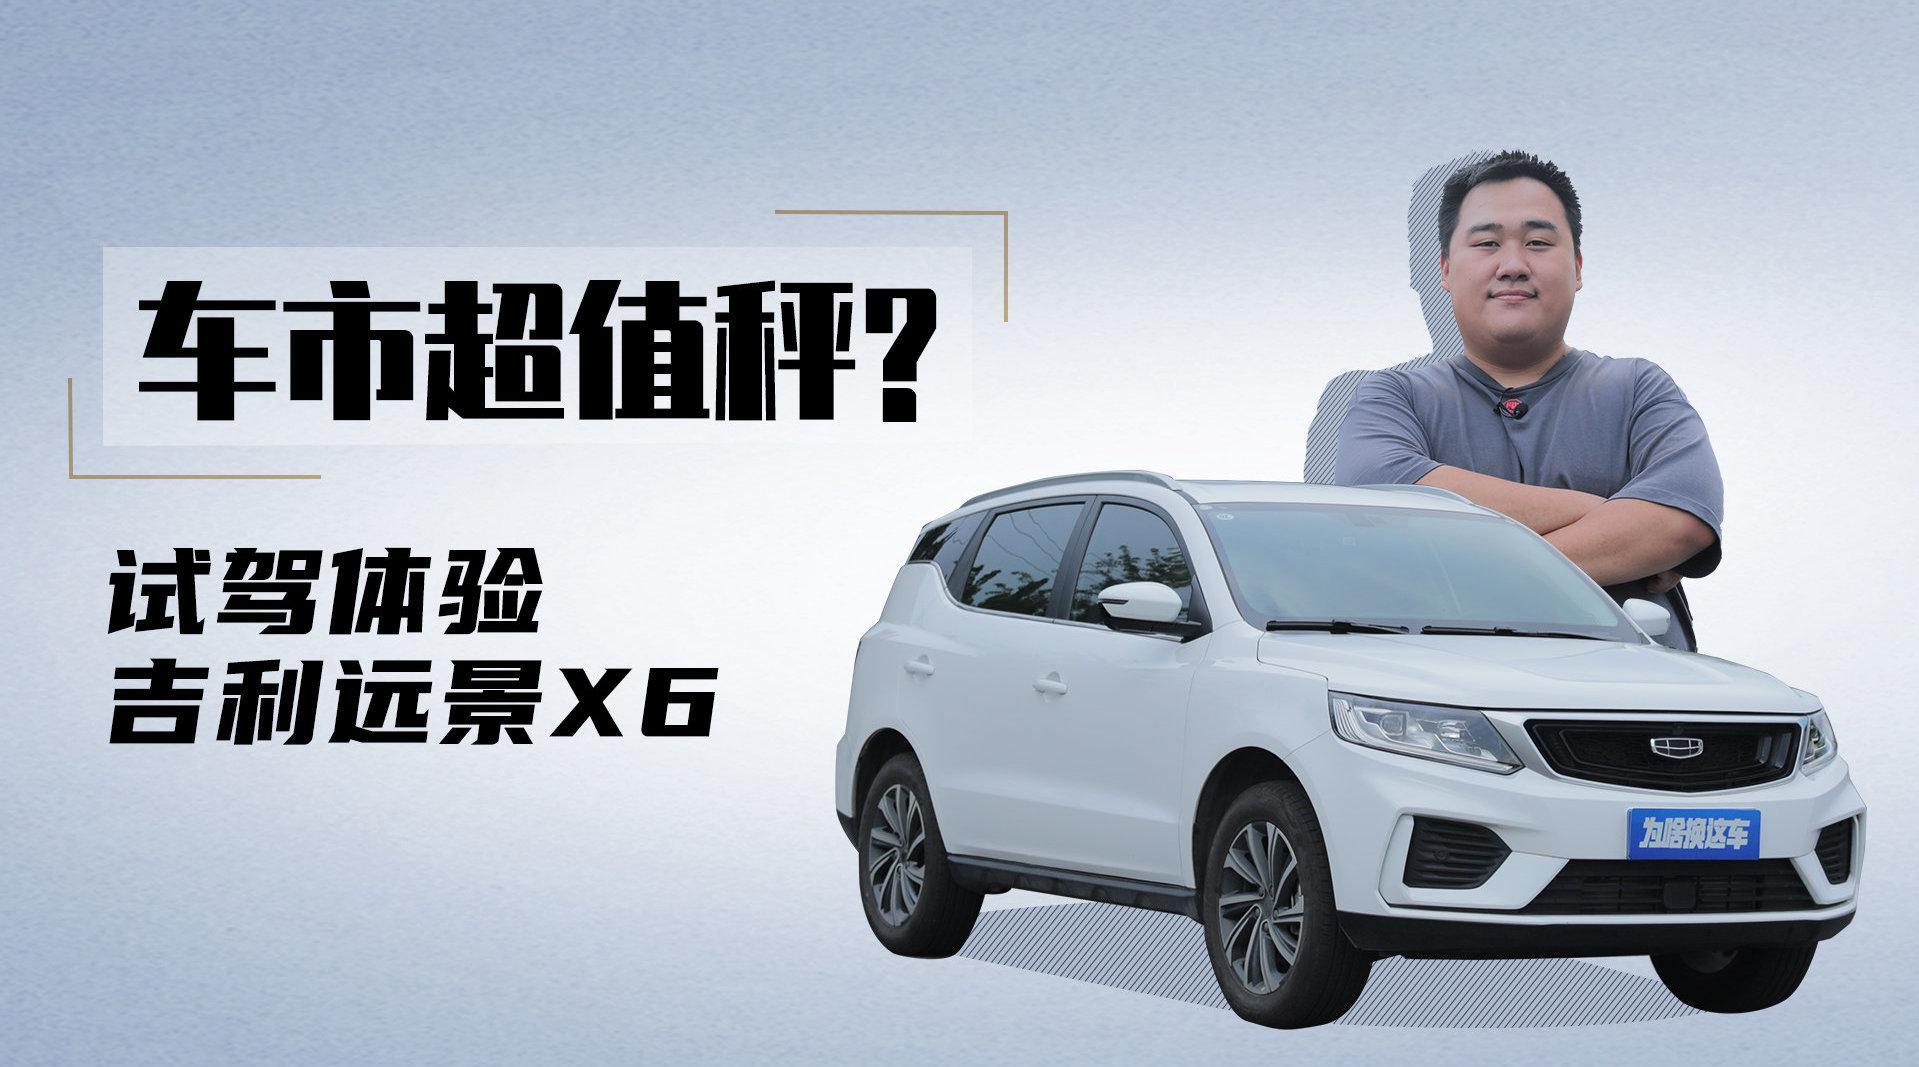 视频:车市超值秤?试驾体验吉利远景X6